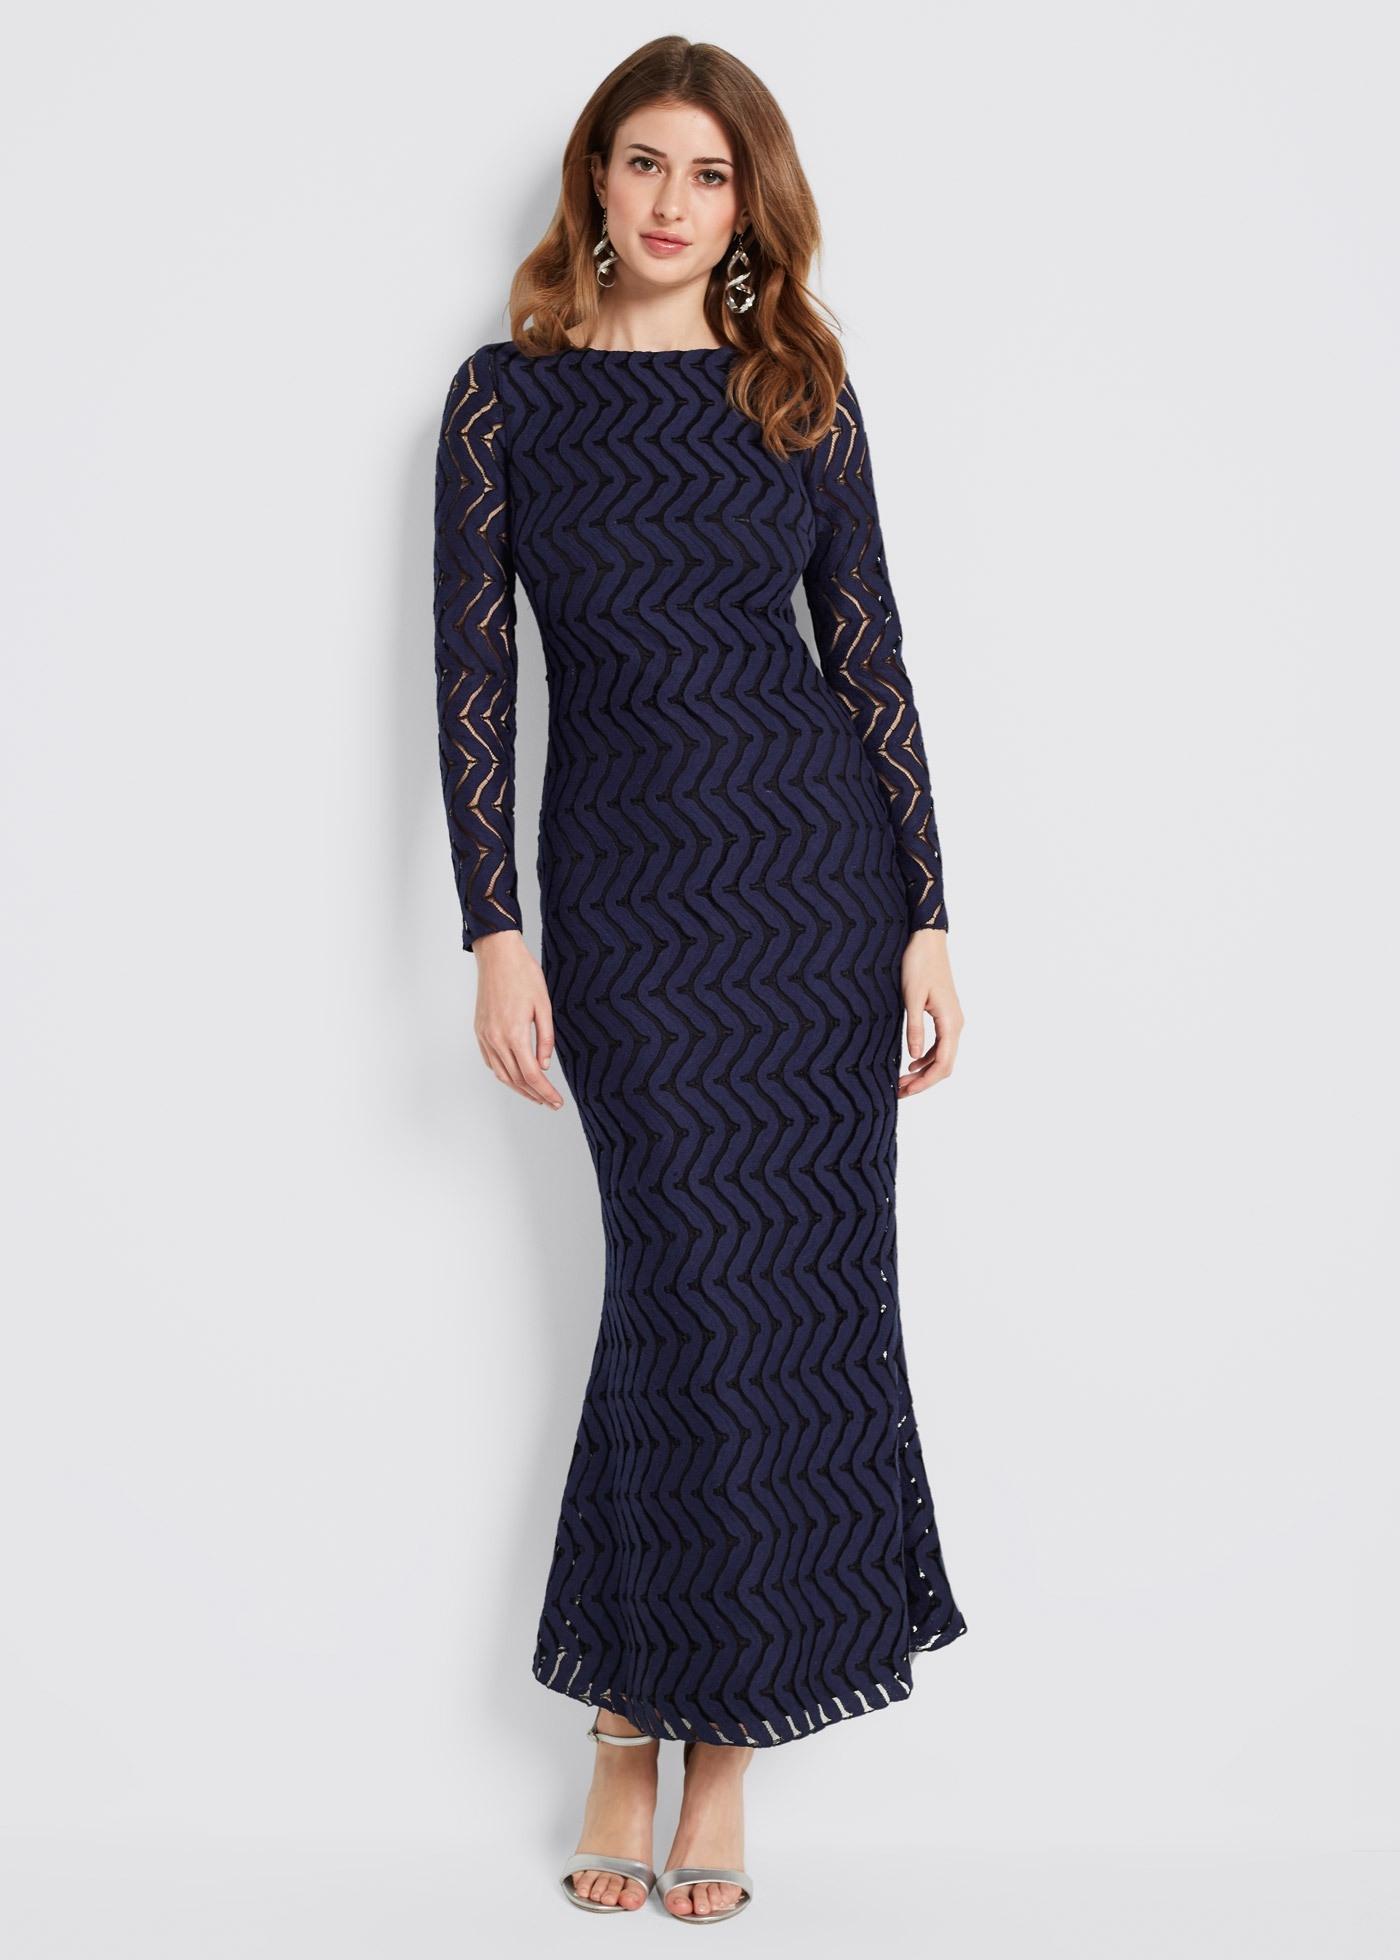 17 Wunderbar Spitzenkleid Blau Langarm Bester Preis Luxurius Spitzenkleid Blau Langarm Design